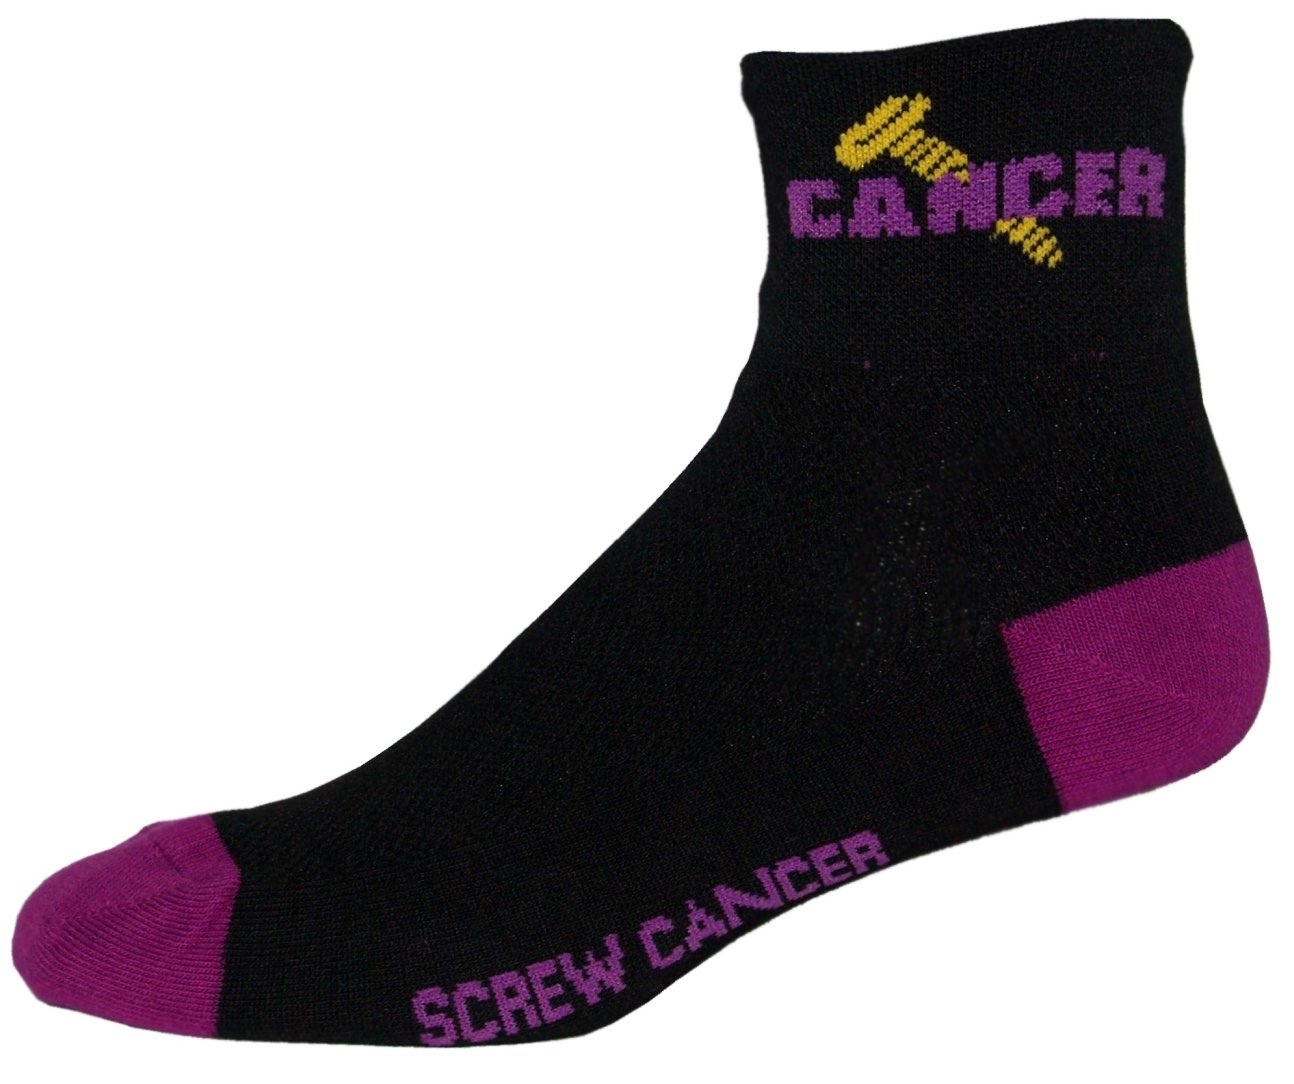 NLZ Screw Cancer Cycling Socks